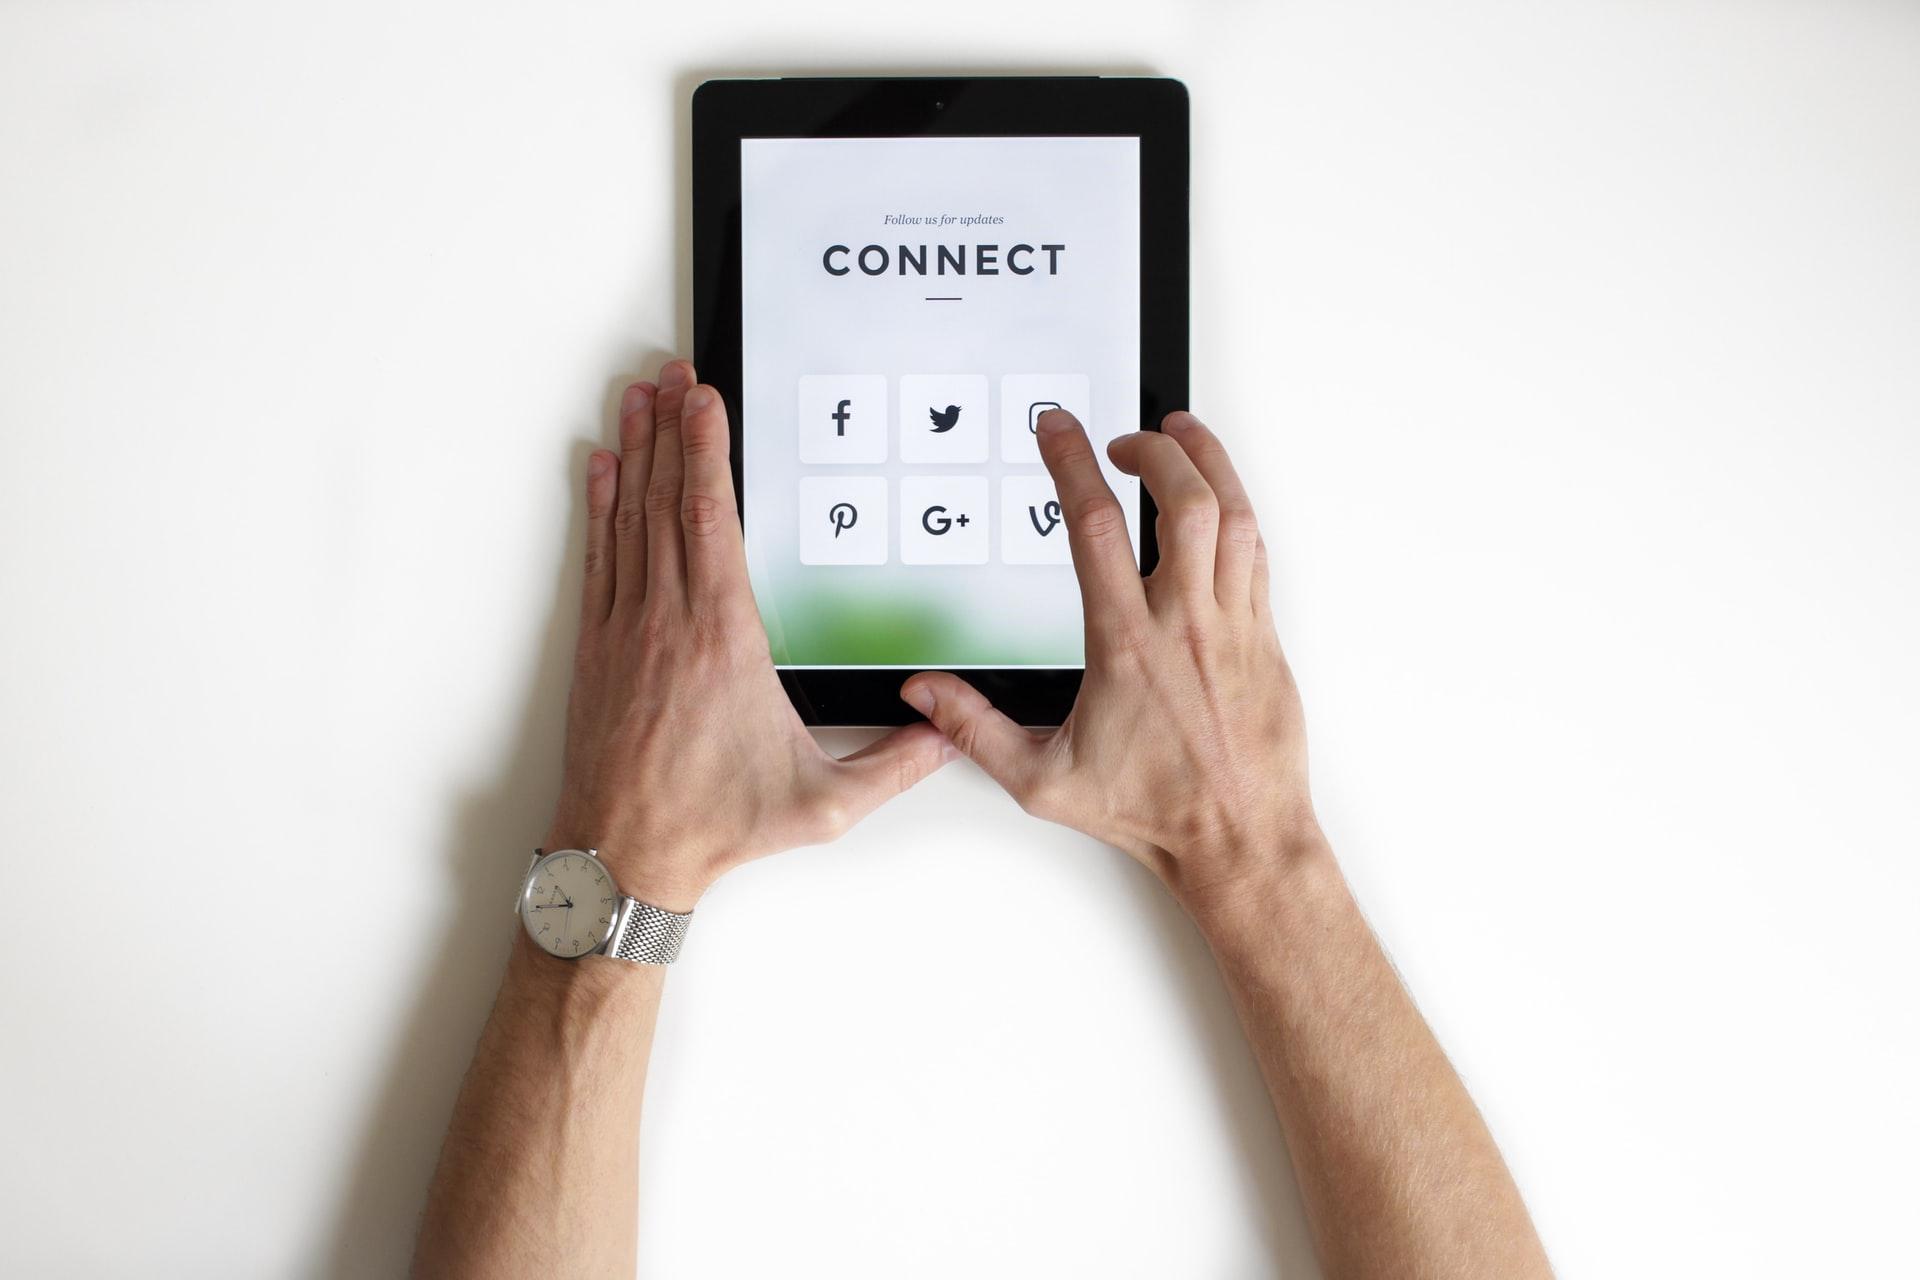 vídeo marketing: duas mãos masculinas interagindo com um tablet conectado às redes sociais